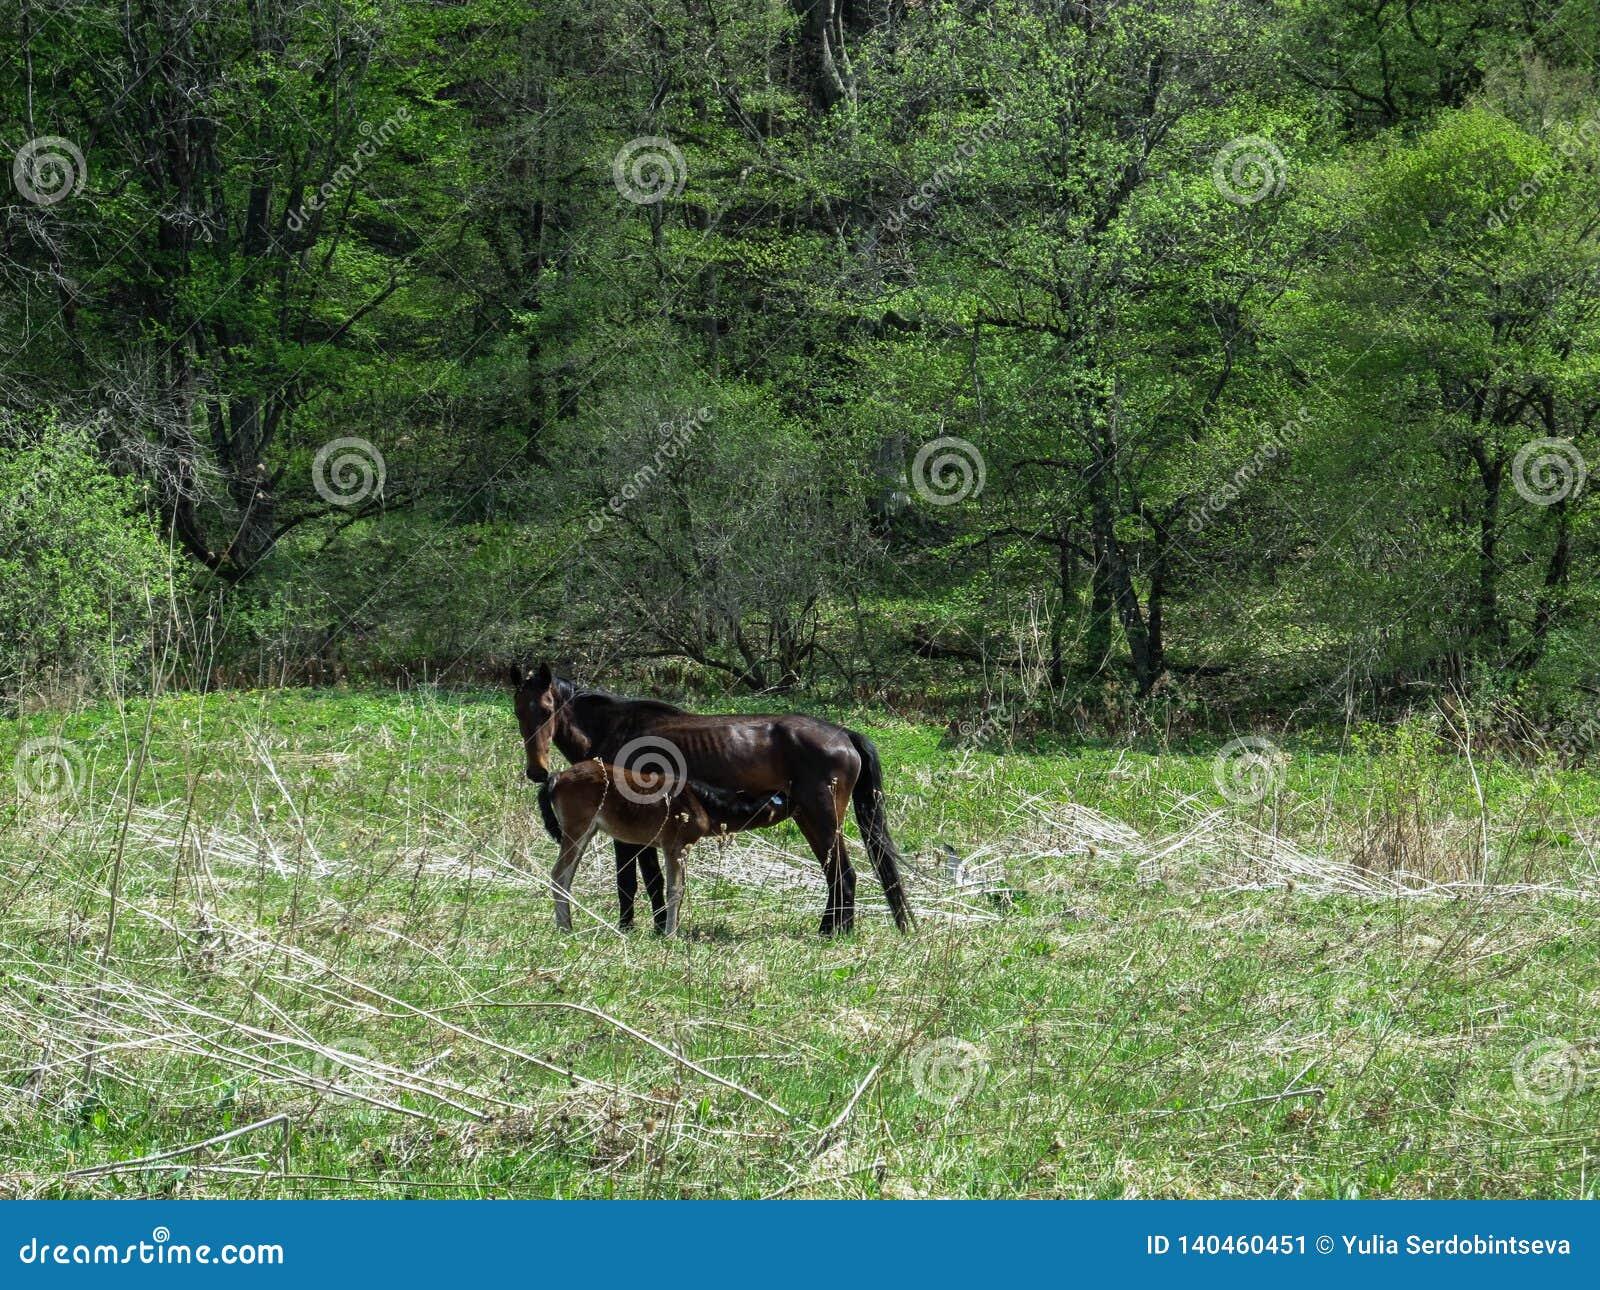 Um cavalo preto alimenta seu potro em um prado do verde da mola na floresta